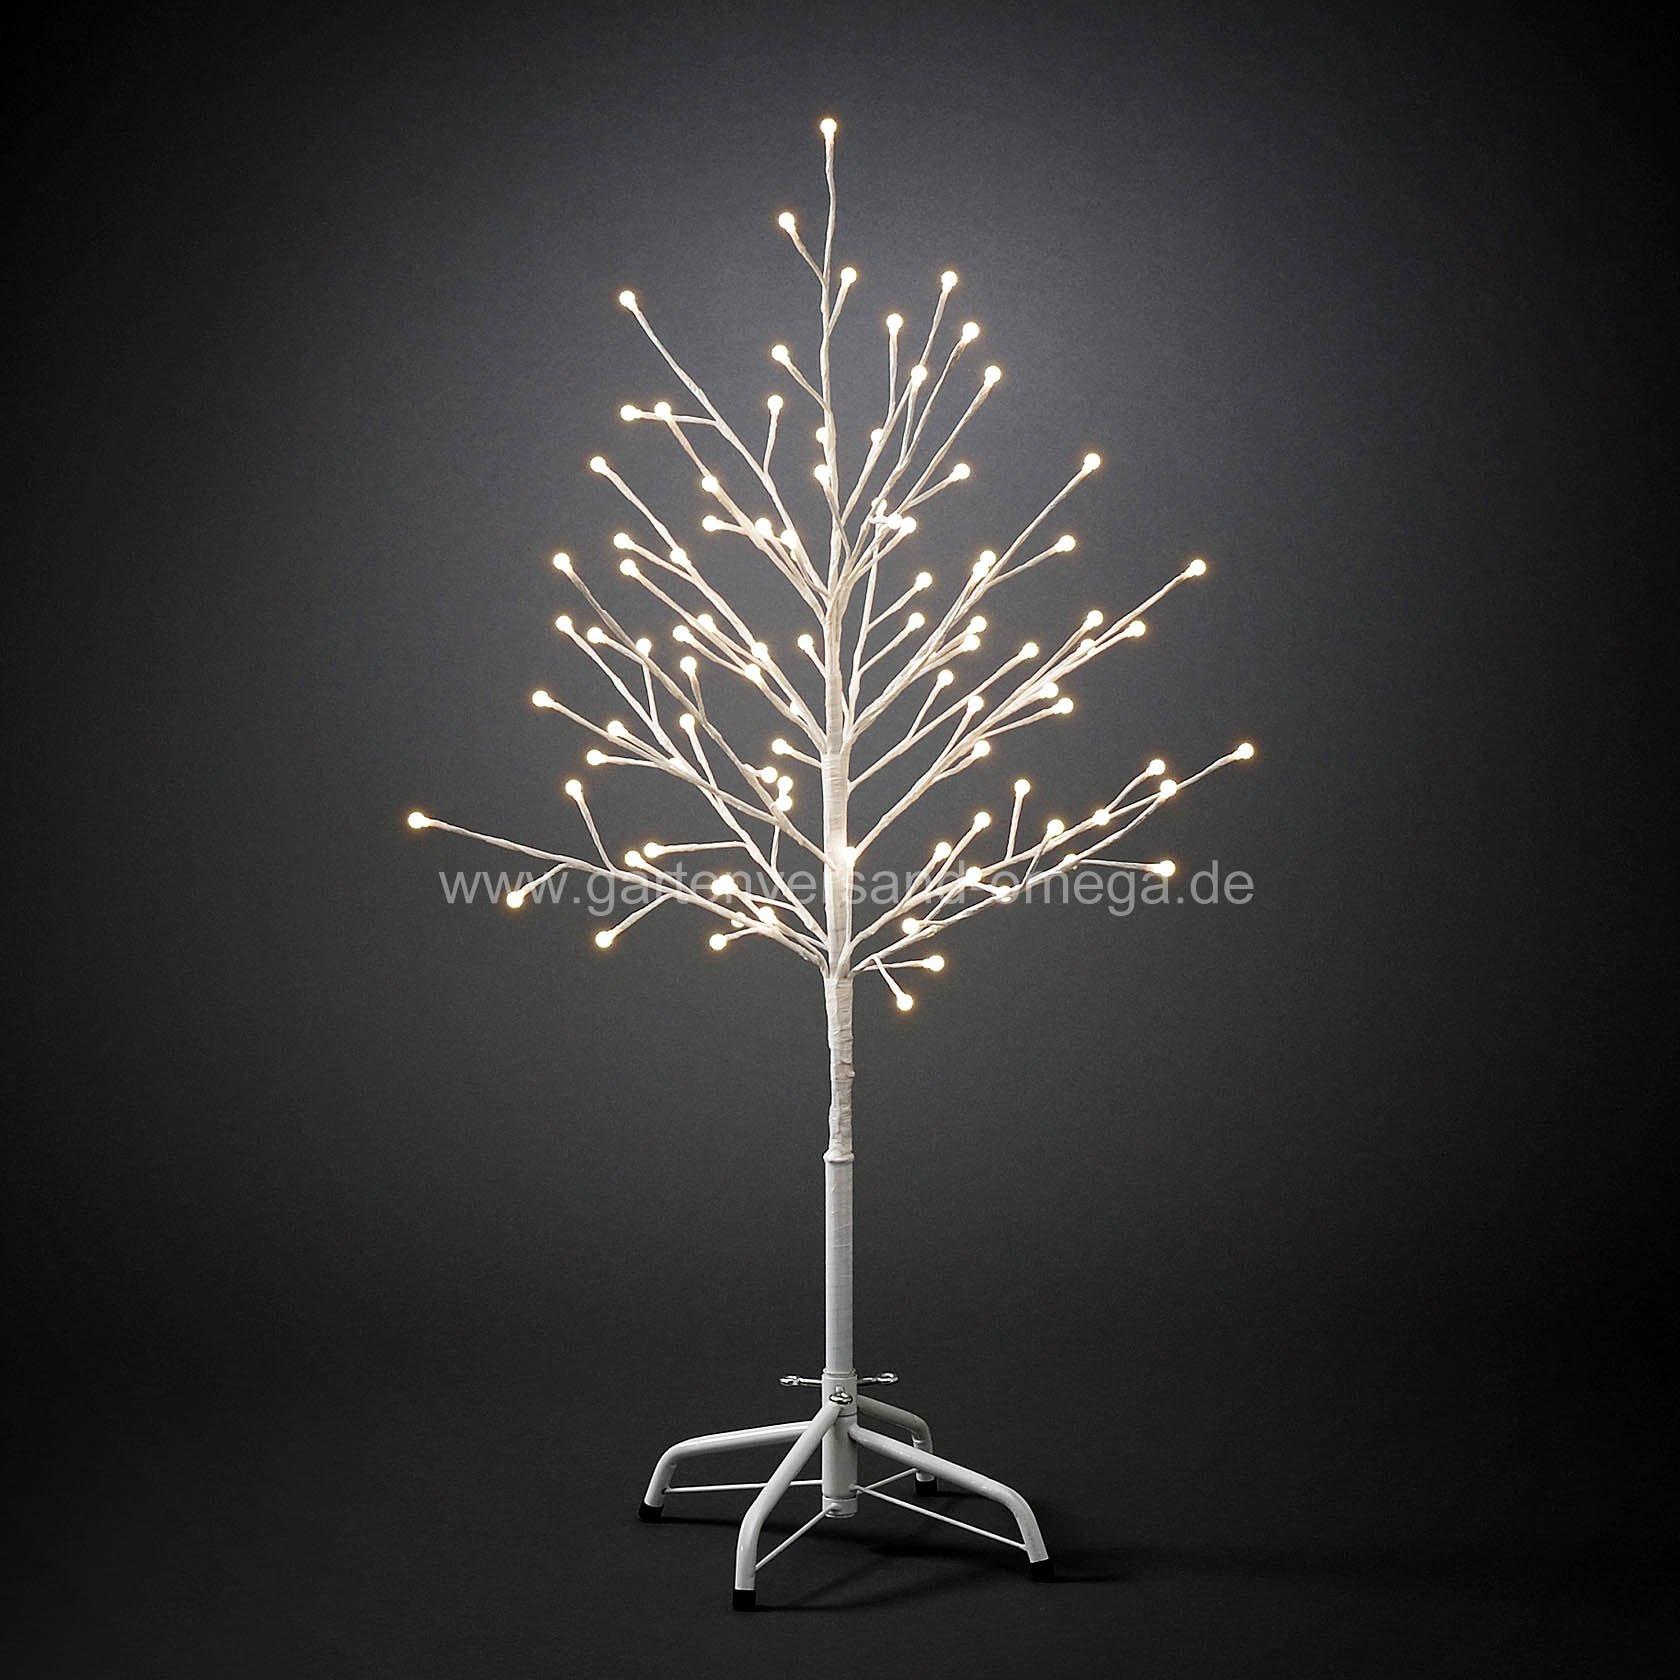 led lichterbaum wei led baum k nstlicher weihnachtsbaum aussenbereich led lichterzweige. Black Bedroom Furniture Sets. Home Design Ideas